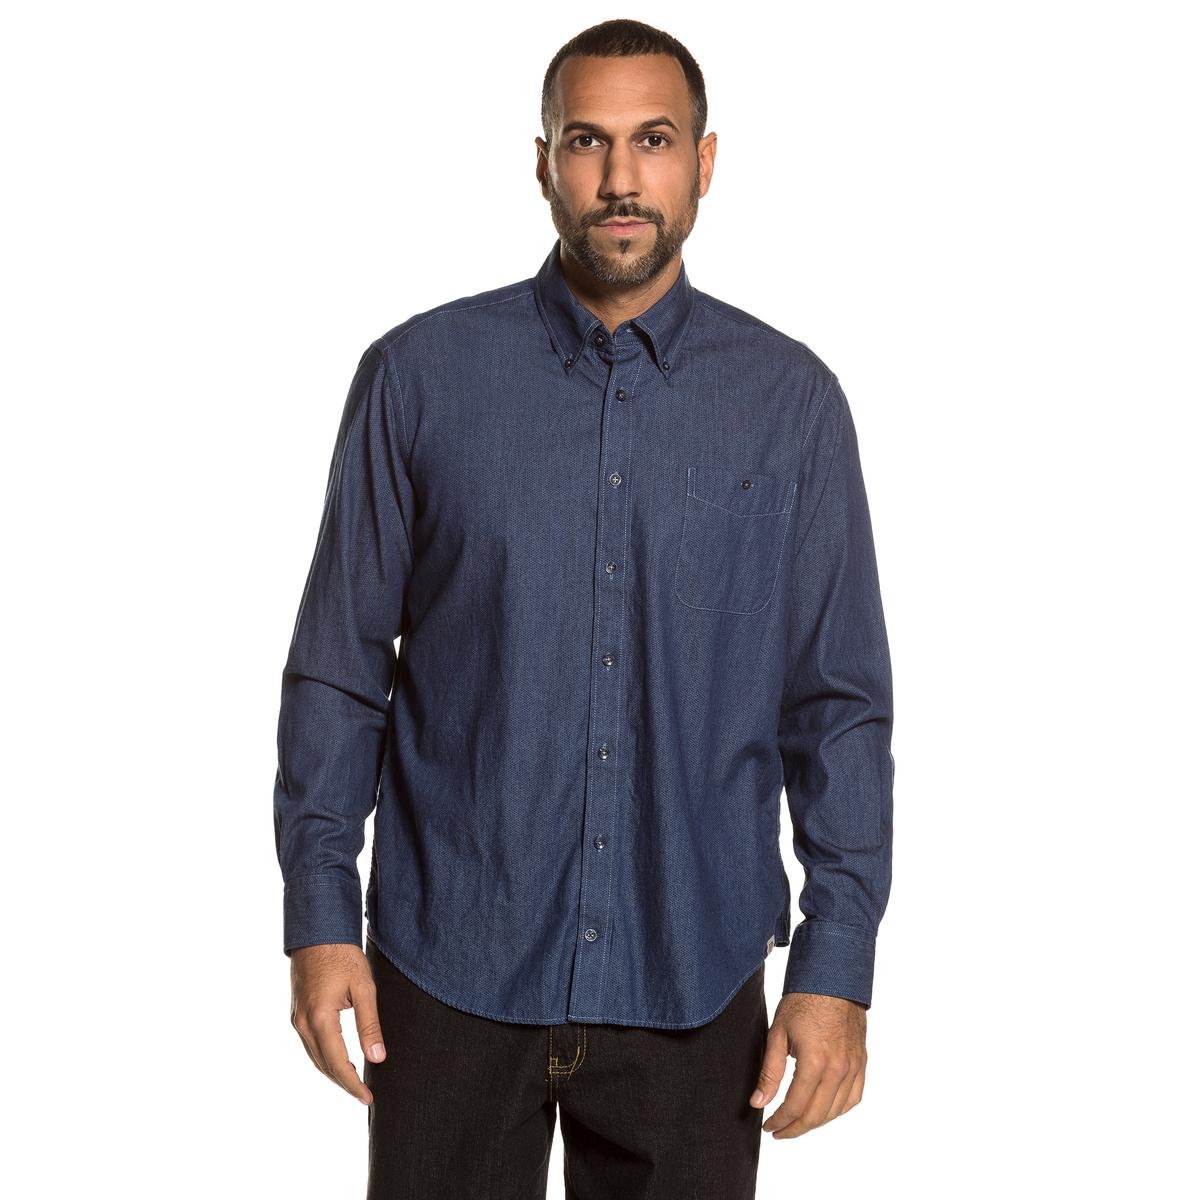 Рубашка однотонная с длинными рукавамиОписание:Детали •  Длинные рукава •  Прямой покрой  •  Классический воротникСостав и уход •  100% хлопок •  Следуйте советам по уходу, указанным на этикеткеТовар из коллекции больших размеров<br><br>Цвет: выбеленный<br>Размер: 7XL